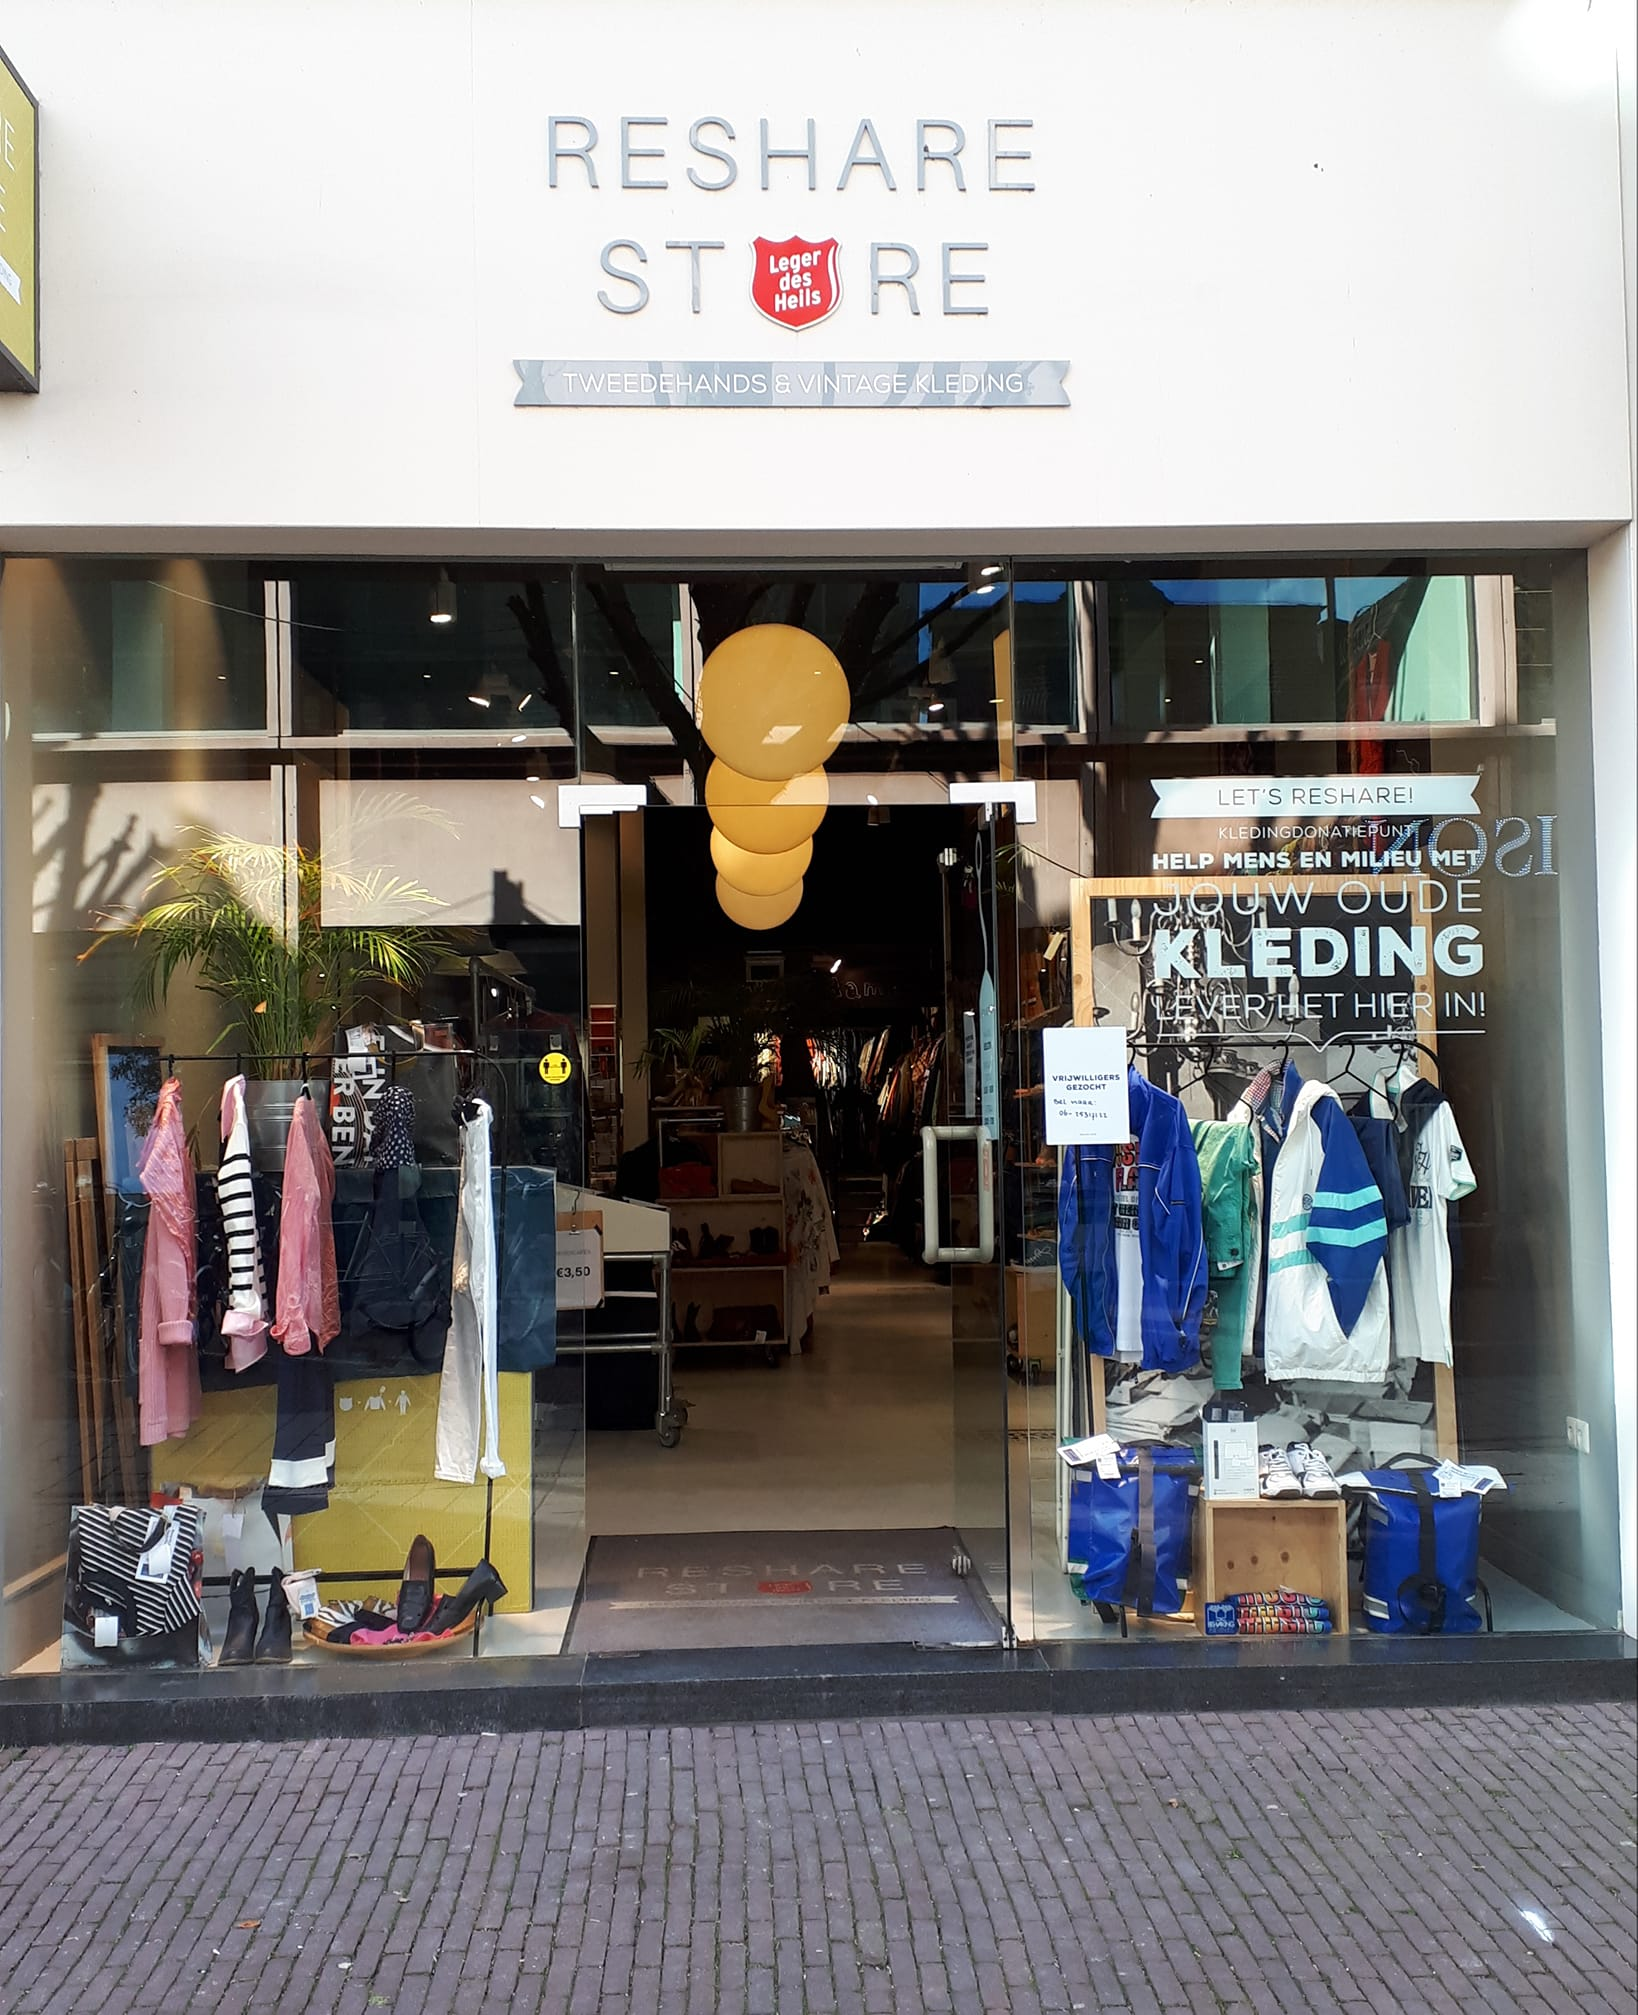 ReShare Store Arnhem zamelt kleding in met een verhaal